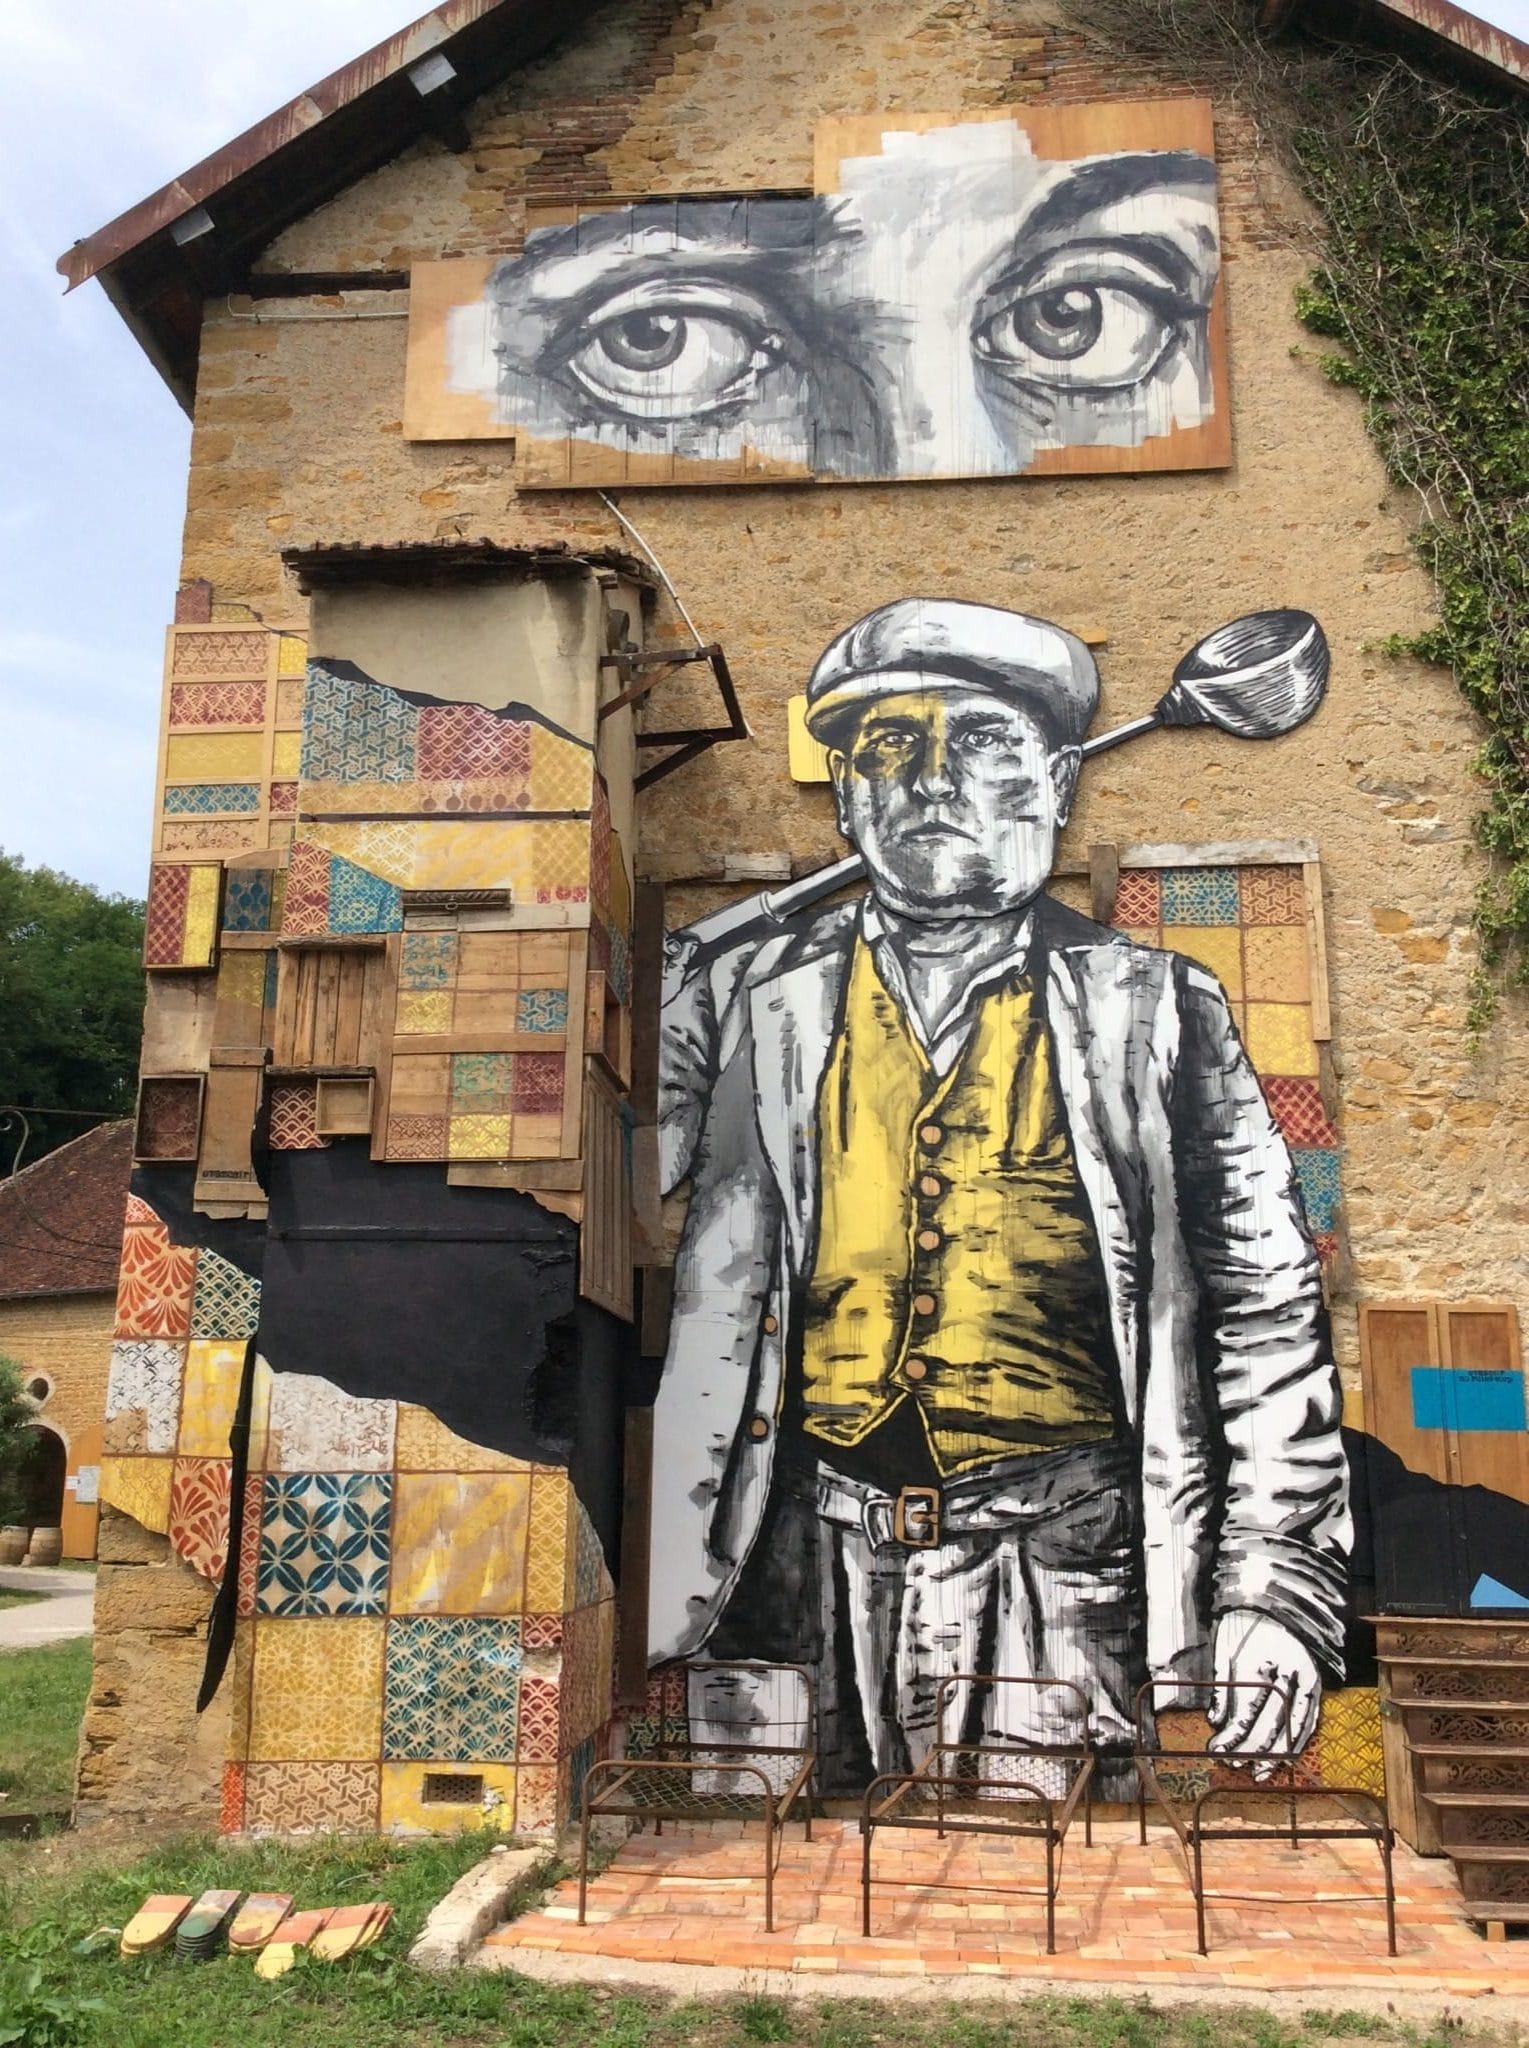 MAUSA - Musée des Arts Urbains et du Street Art - Les Forges image-5